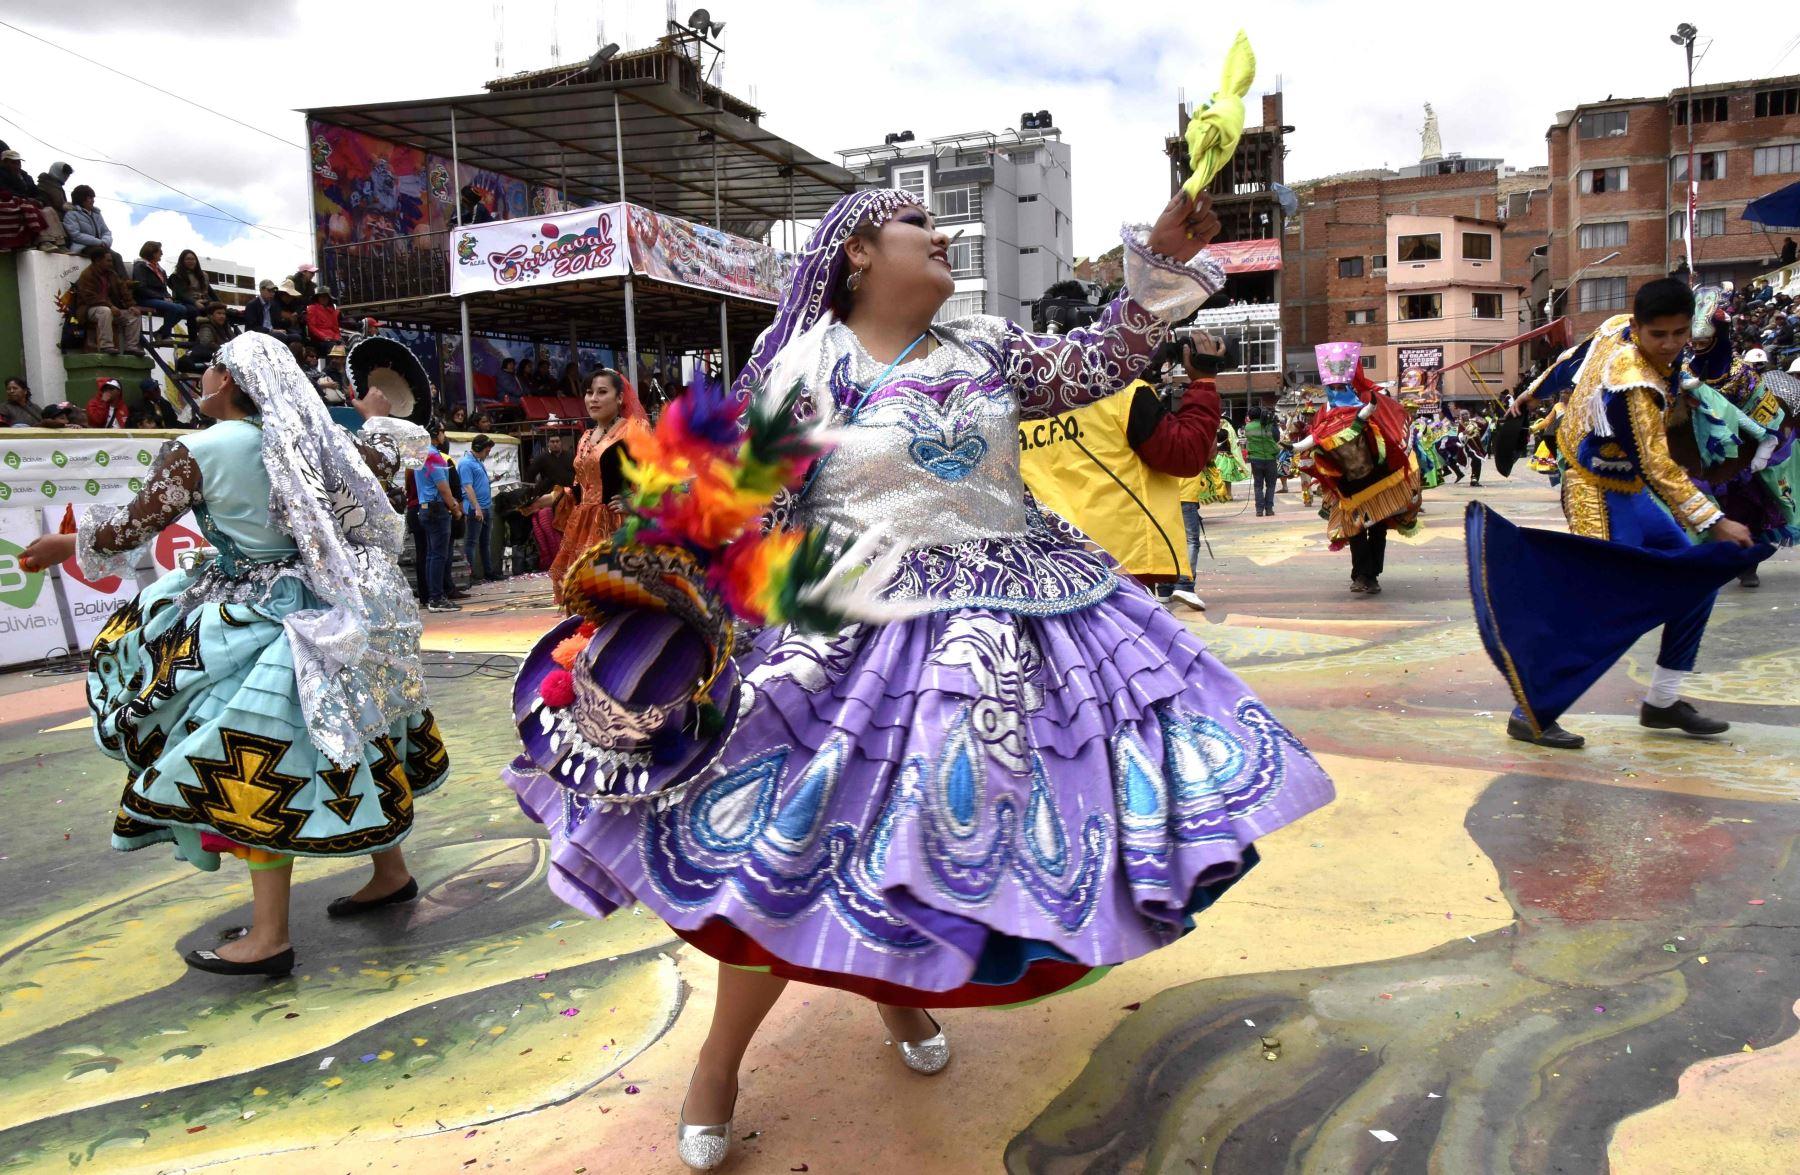 Explosiones sucedieron en el carnaval de Oruro. Foto: AFP